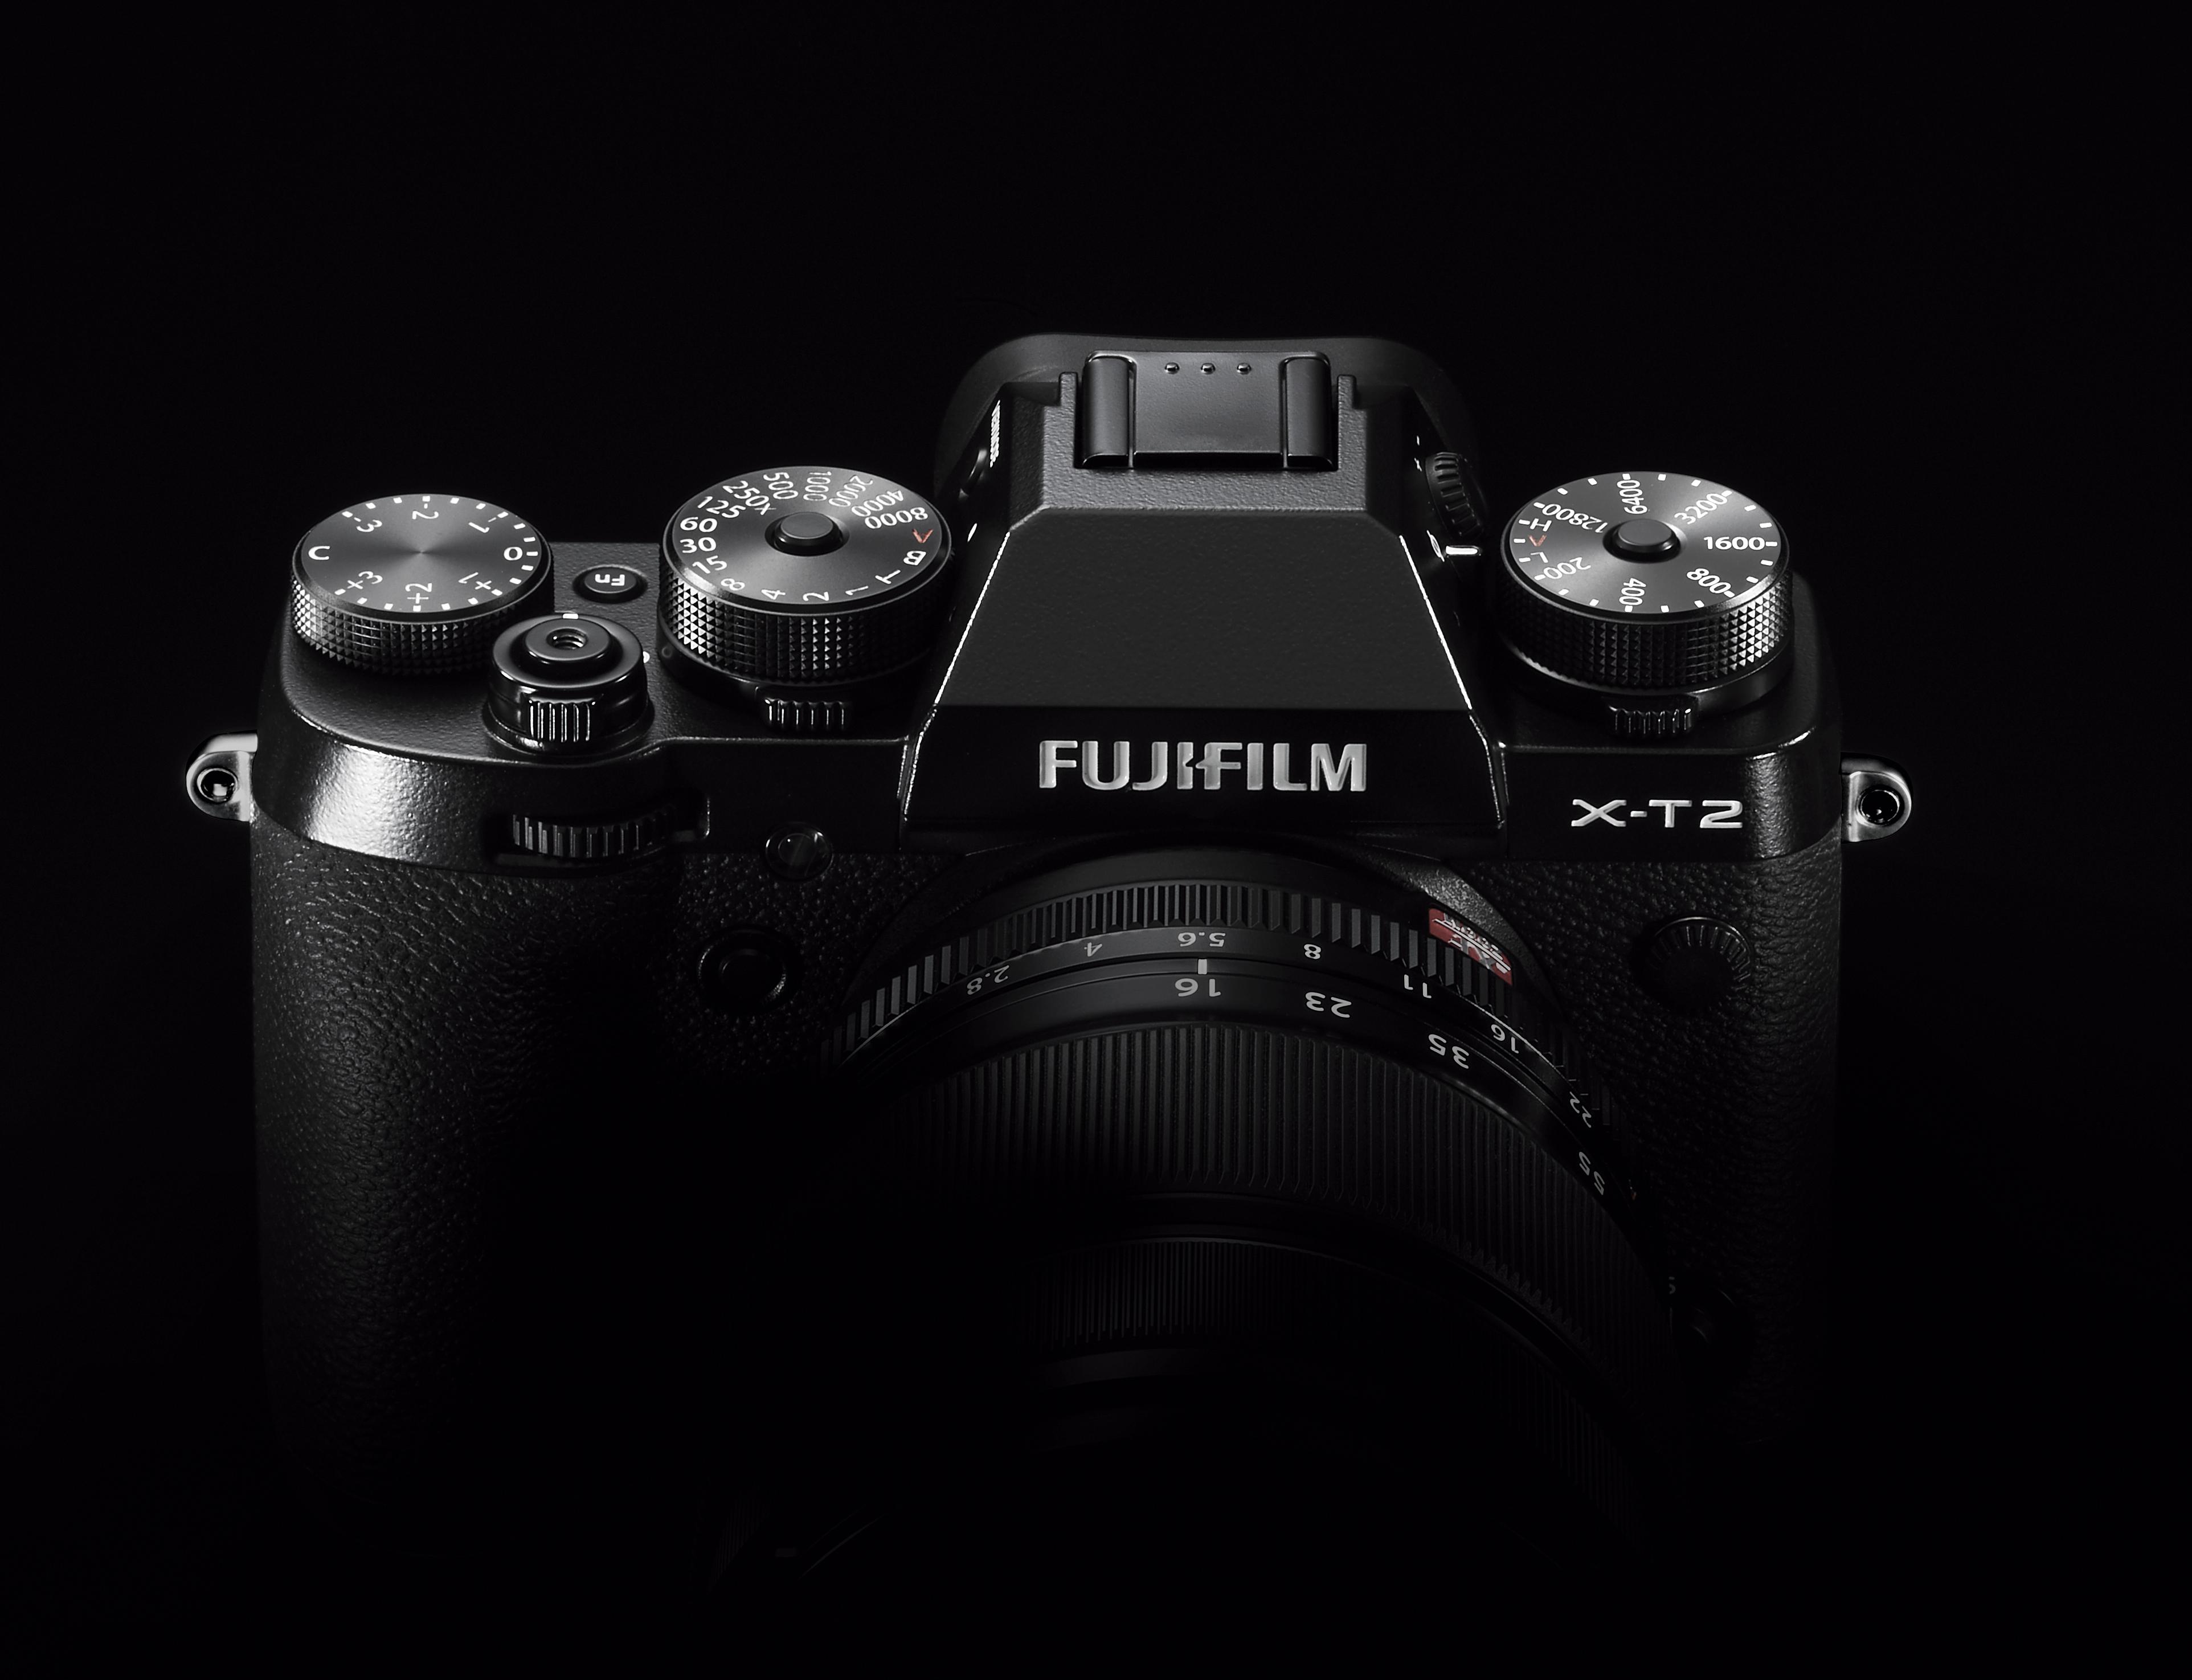 Testbericht: Fujifilm X-T2, erste Erfahrungen mit der neuen Mirrorless Kamera